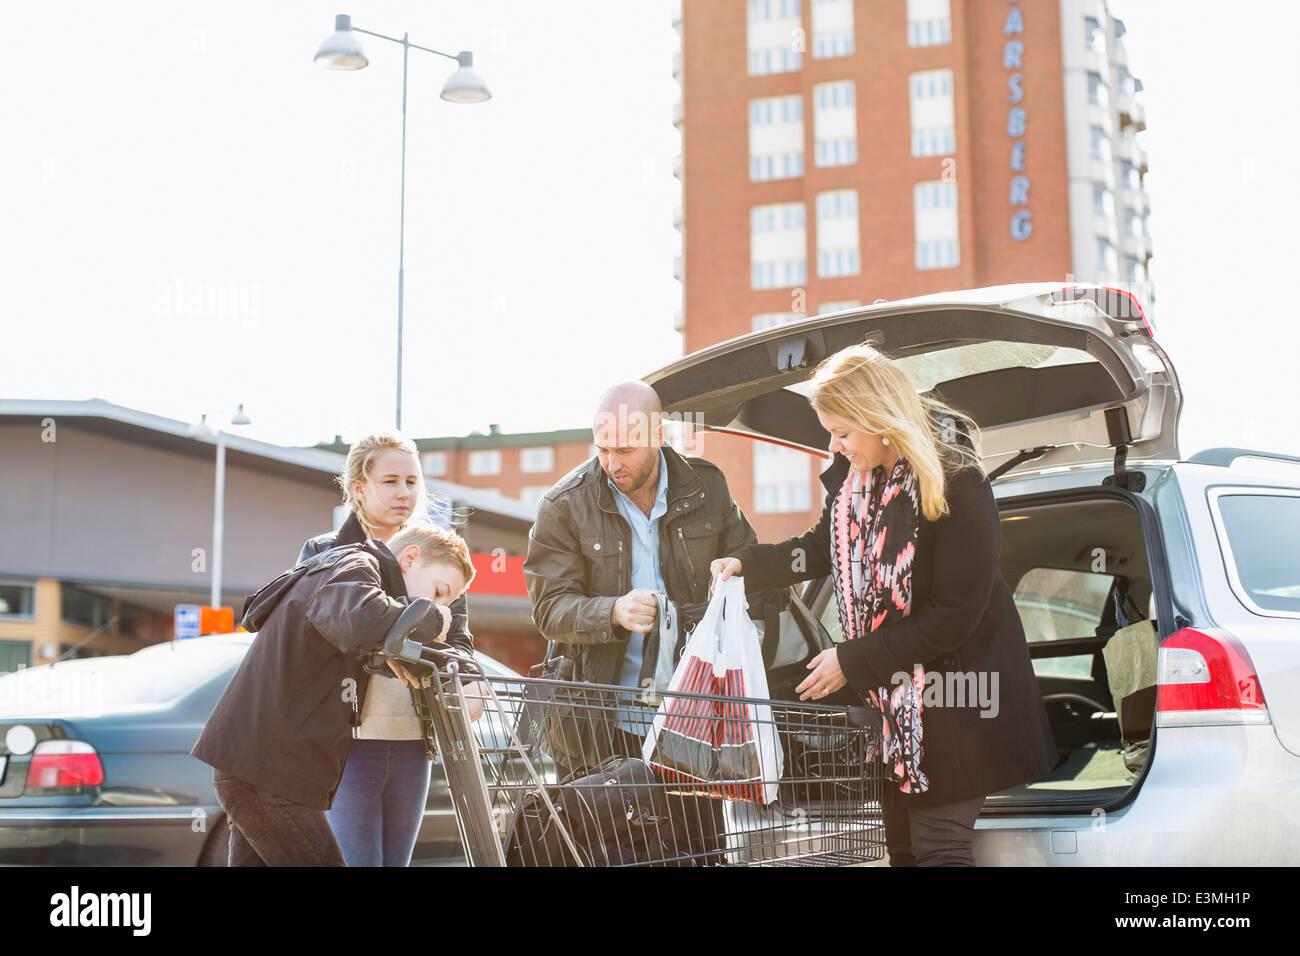 Caricamento della famiglia generi alimentari nel baule auto presso il parcheggio Immagini Stock